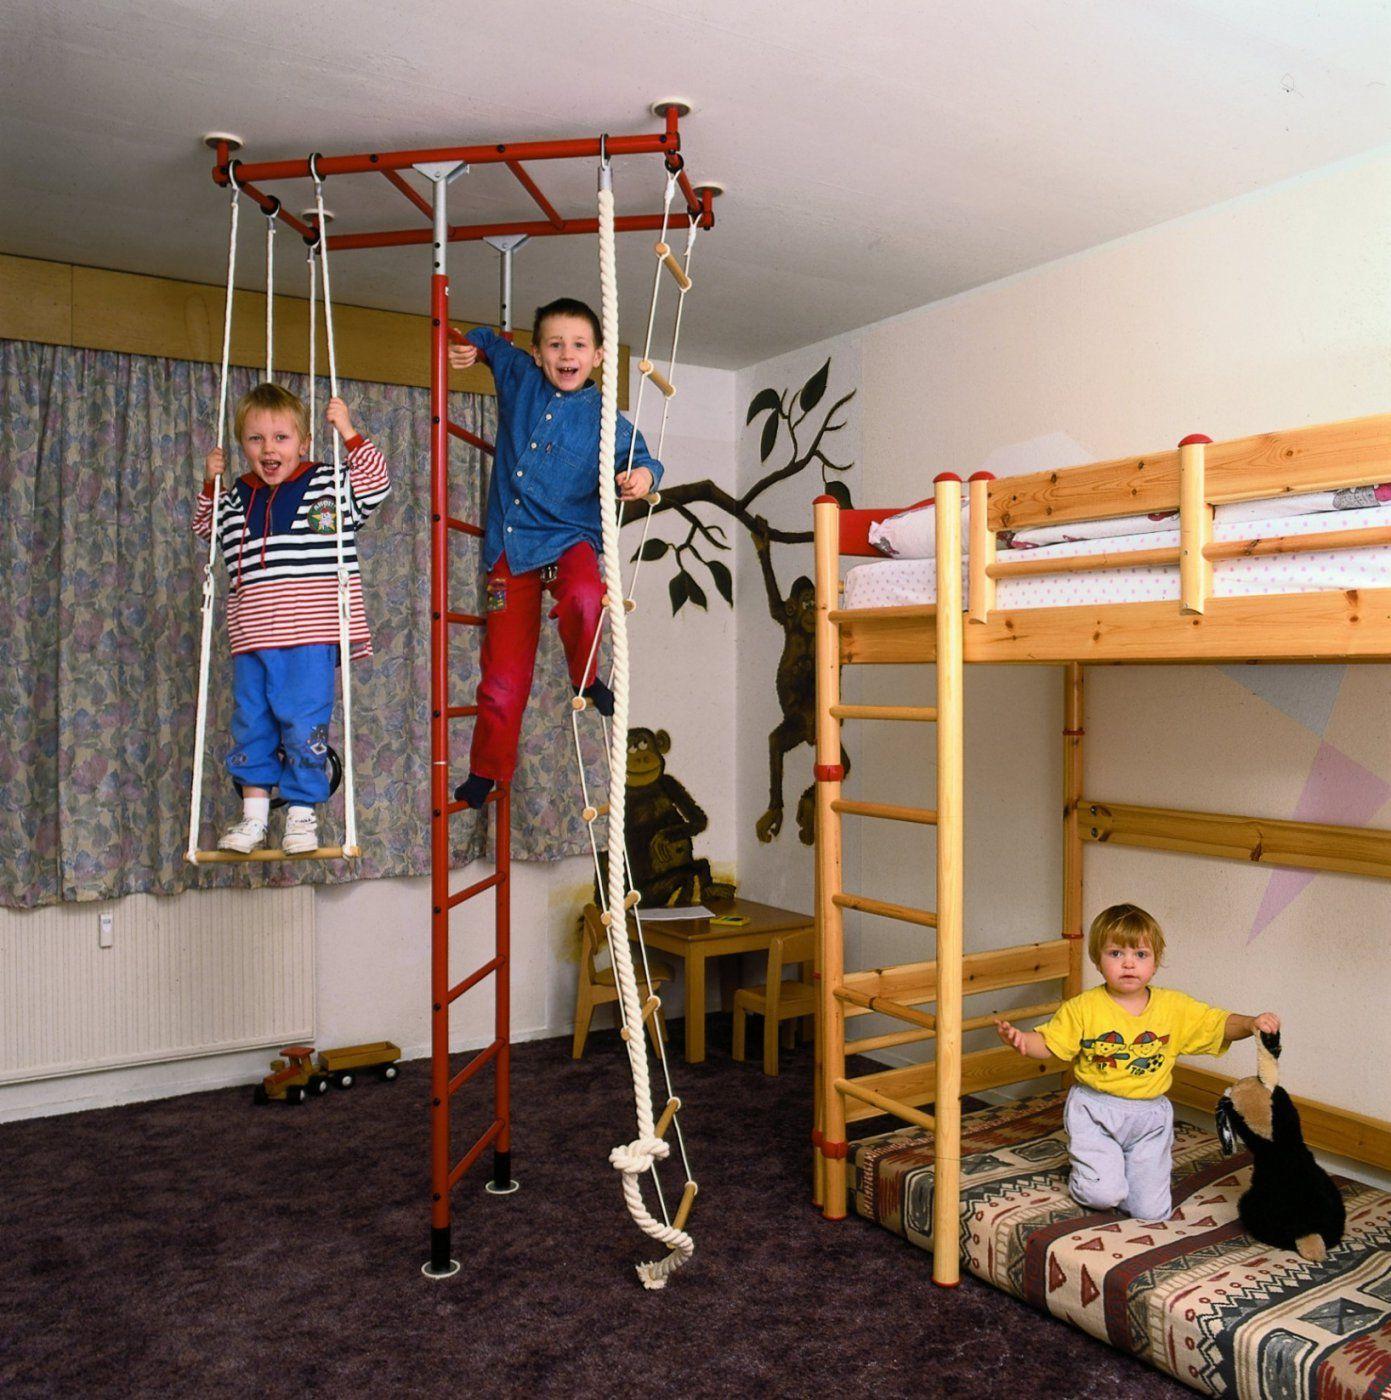 Kinderzimmer Deko Selber Machen Jungen  Tomish von Kinderzimmer Deko Selber Machen Jungen Photo